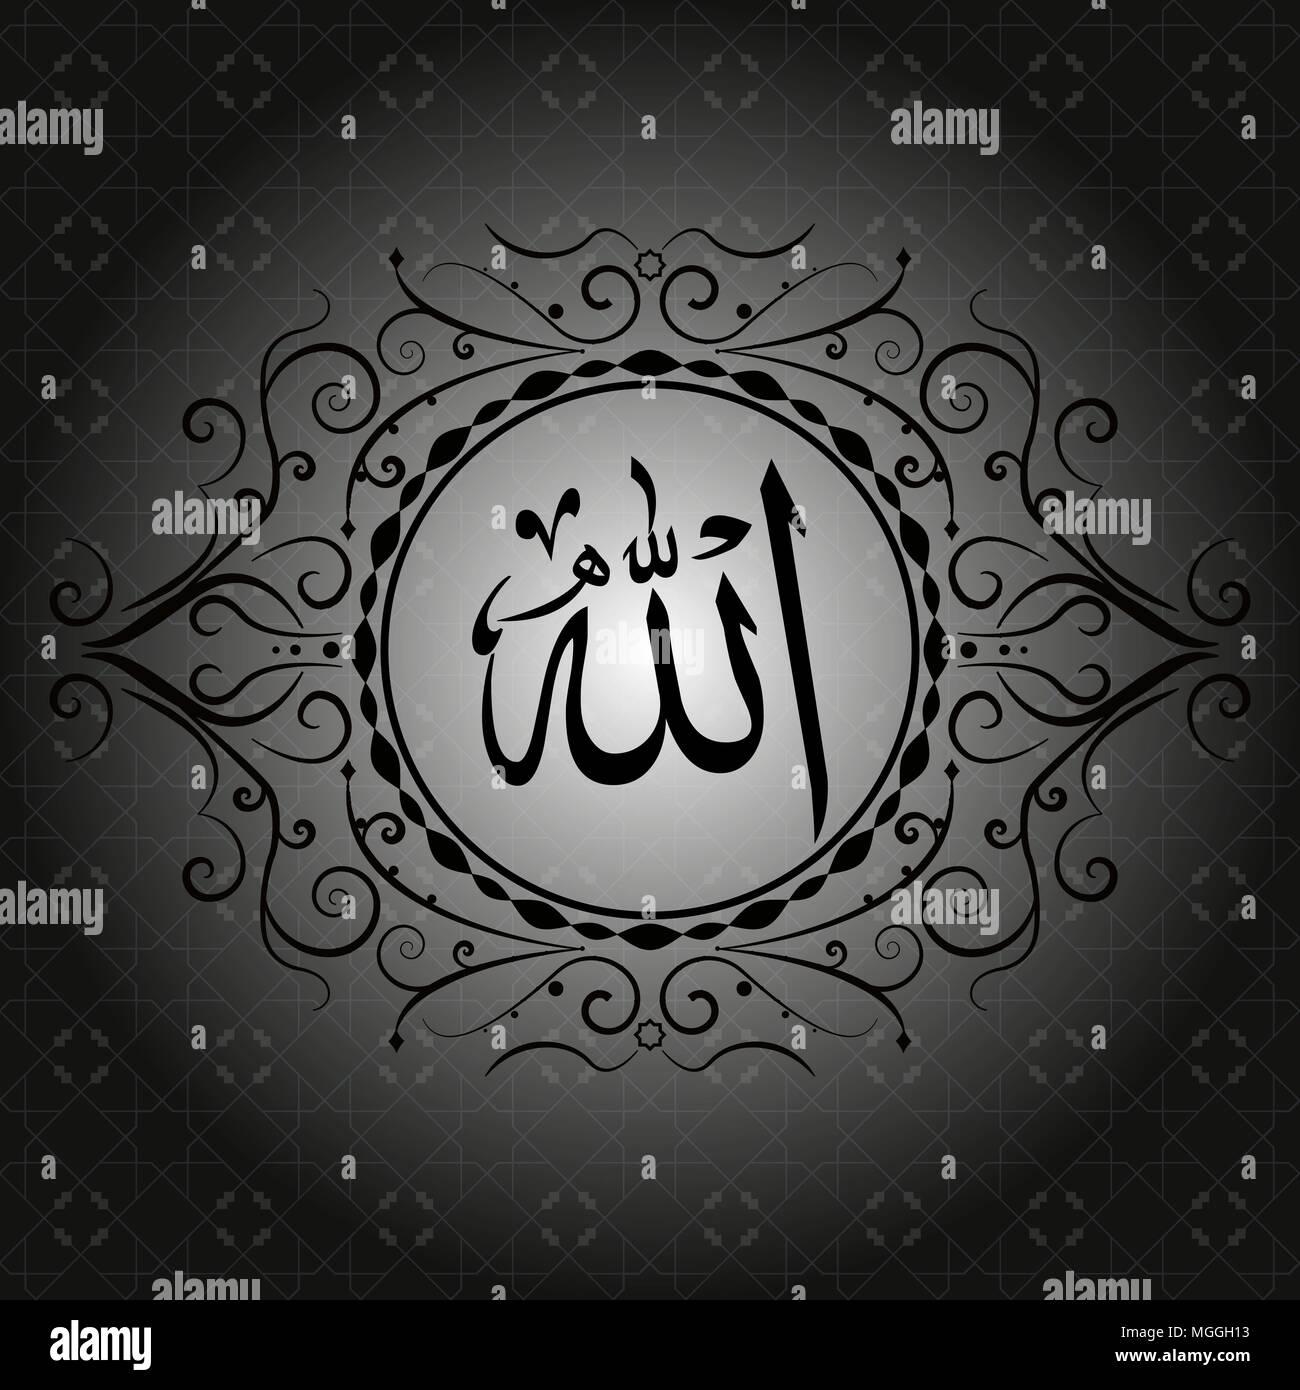 Allah En Arabe tipografía árabe allah la traducción en el nombre de dios 10 eps